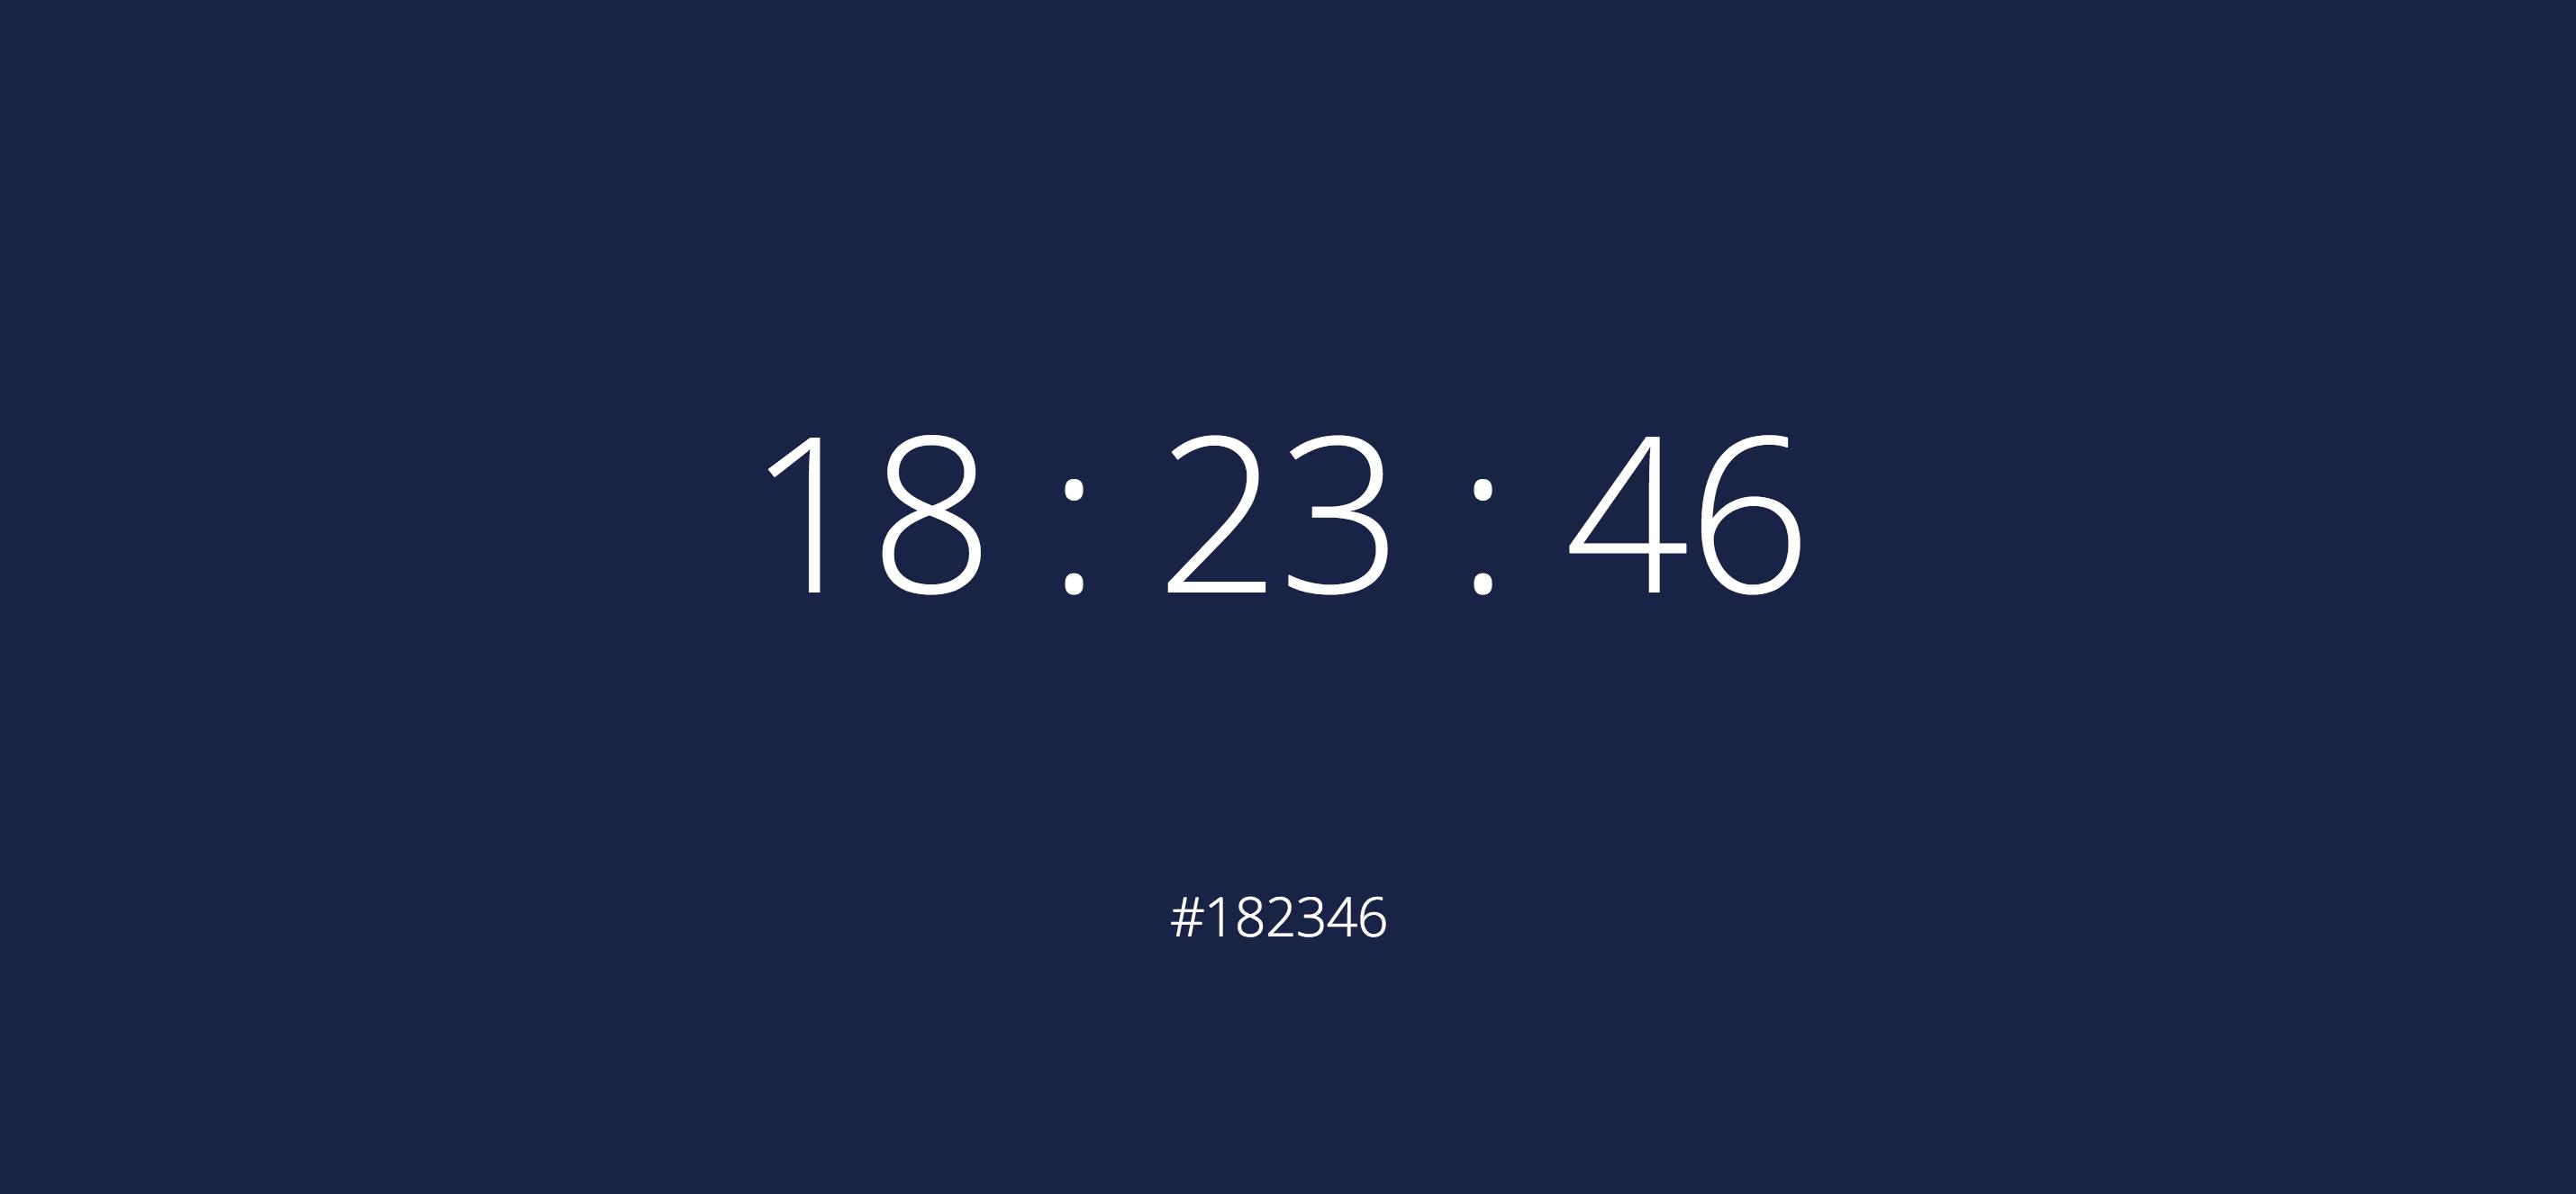 Capture d'écran 2014-12-17 à 18.23.44